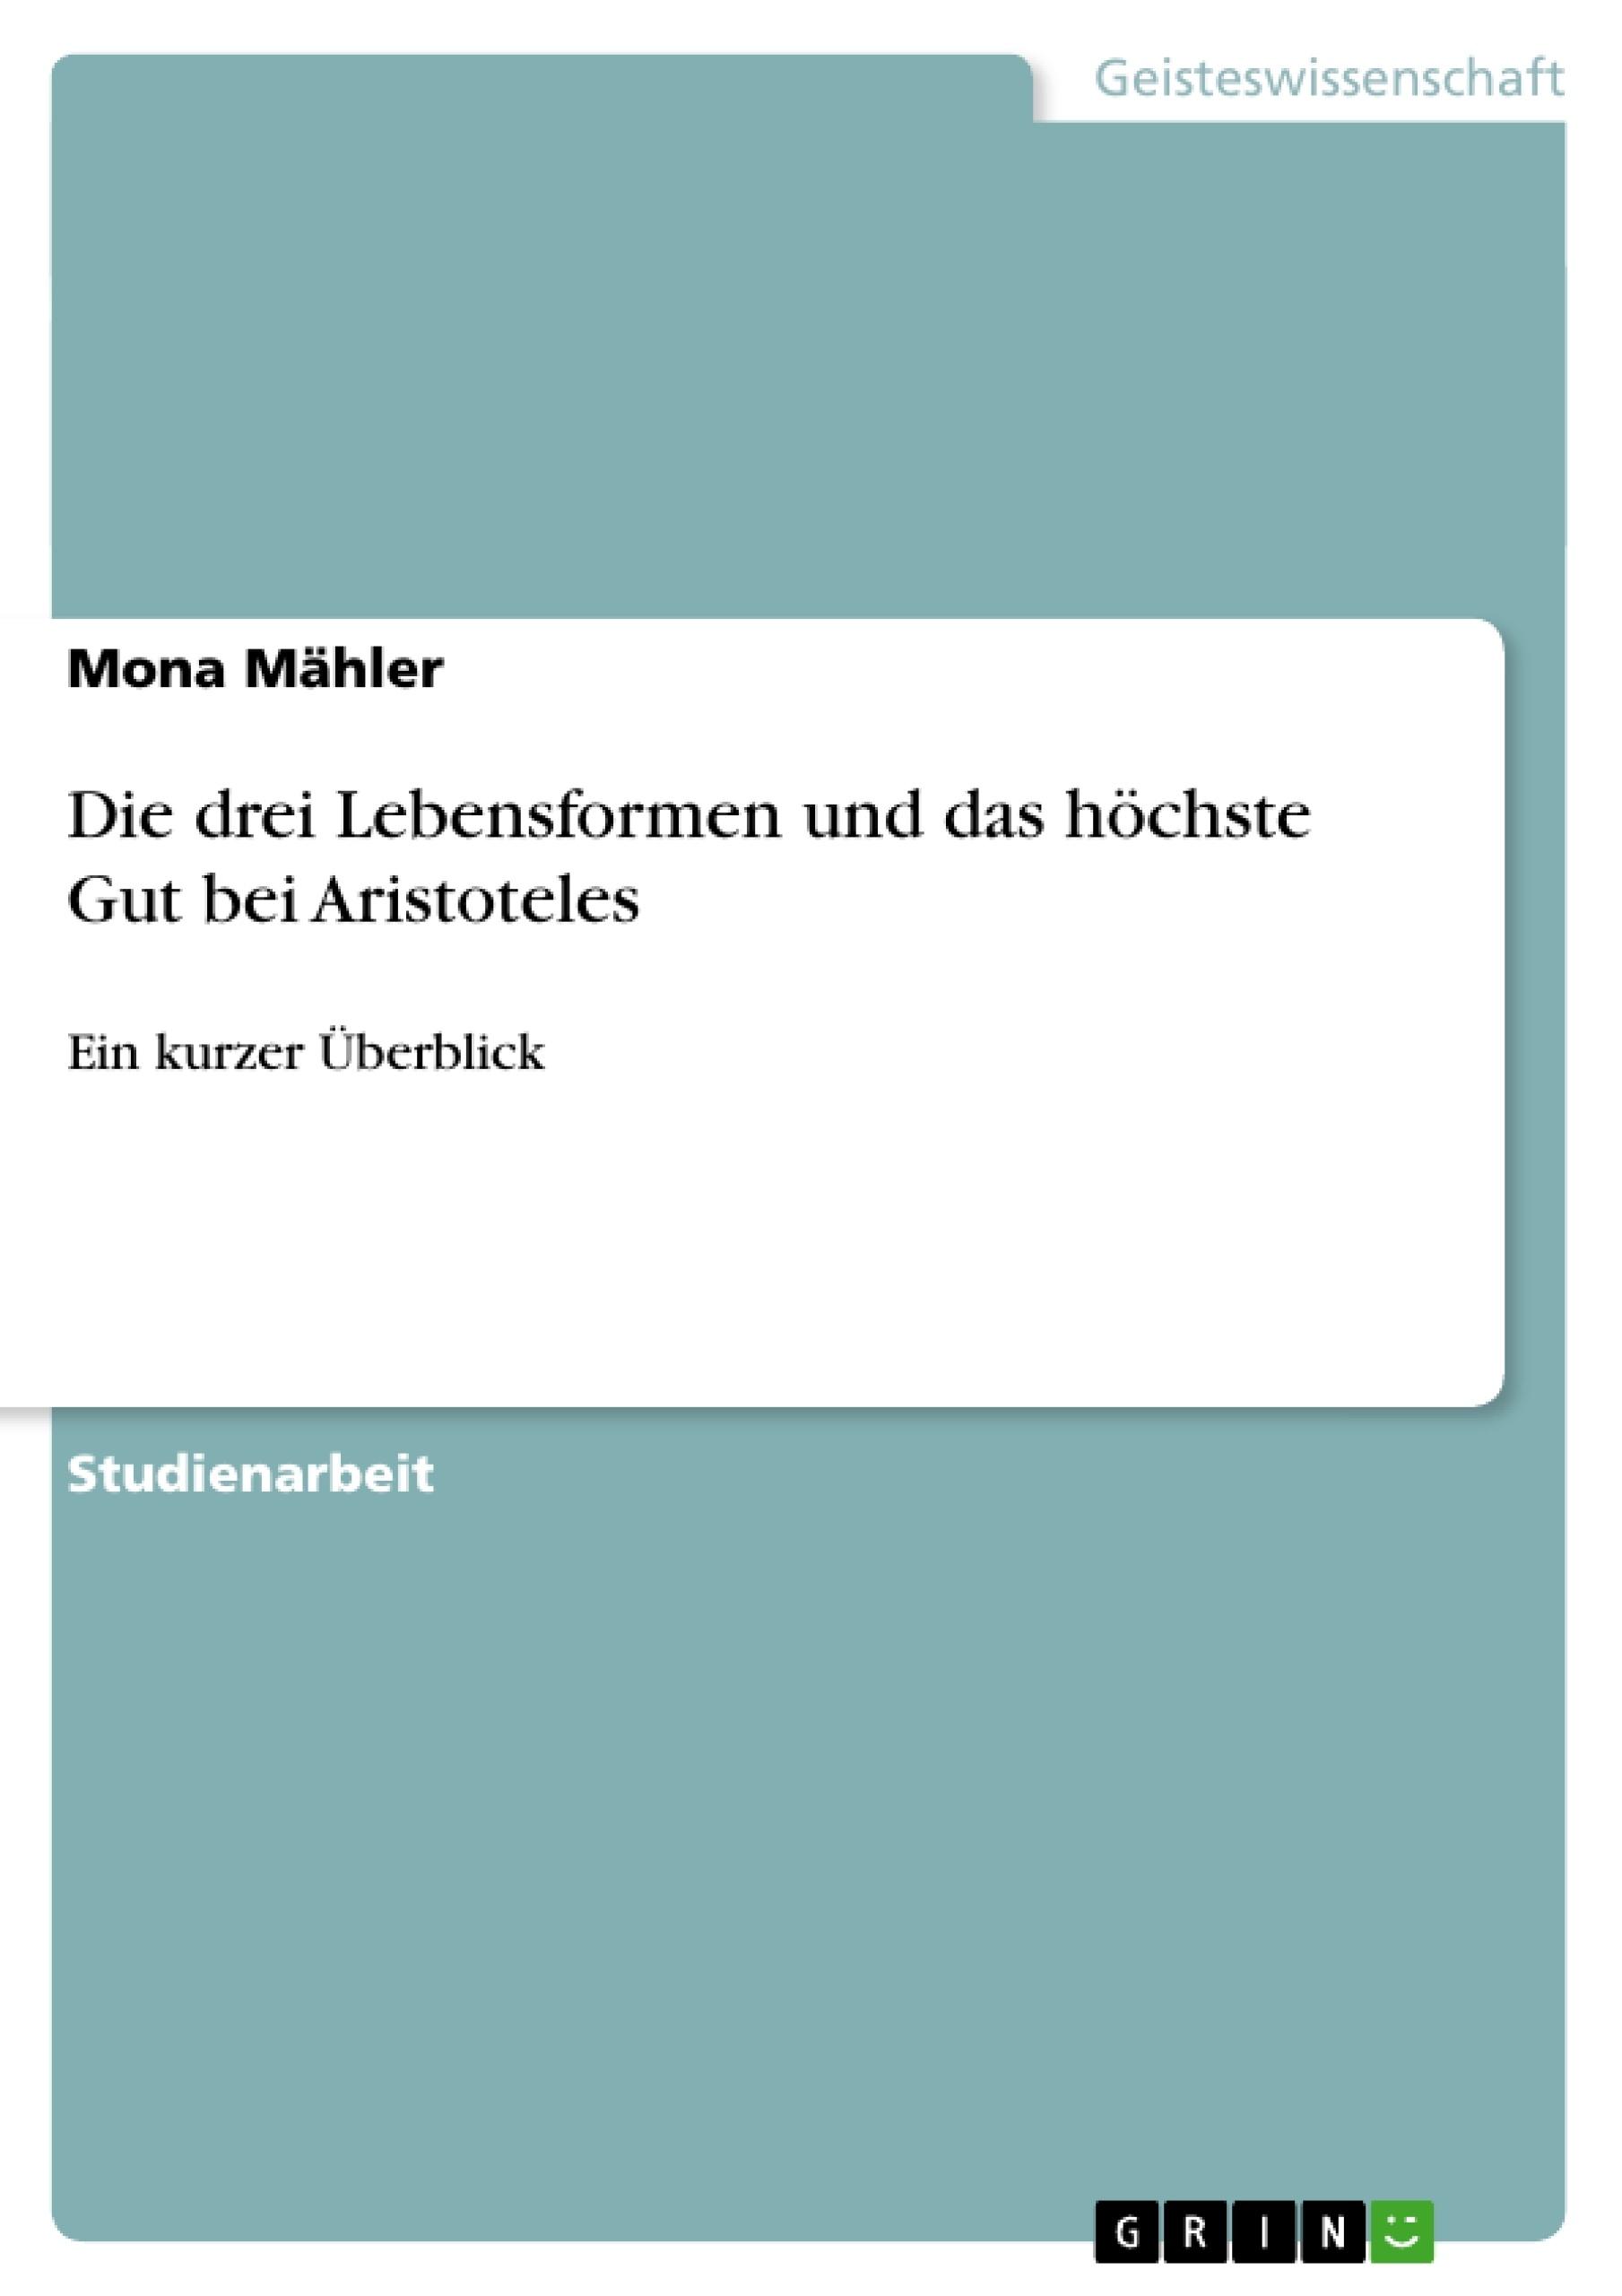 Titel: Die drei Lebensformen und das höchste Gut bei Aristoteles